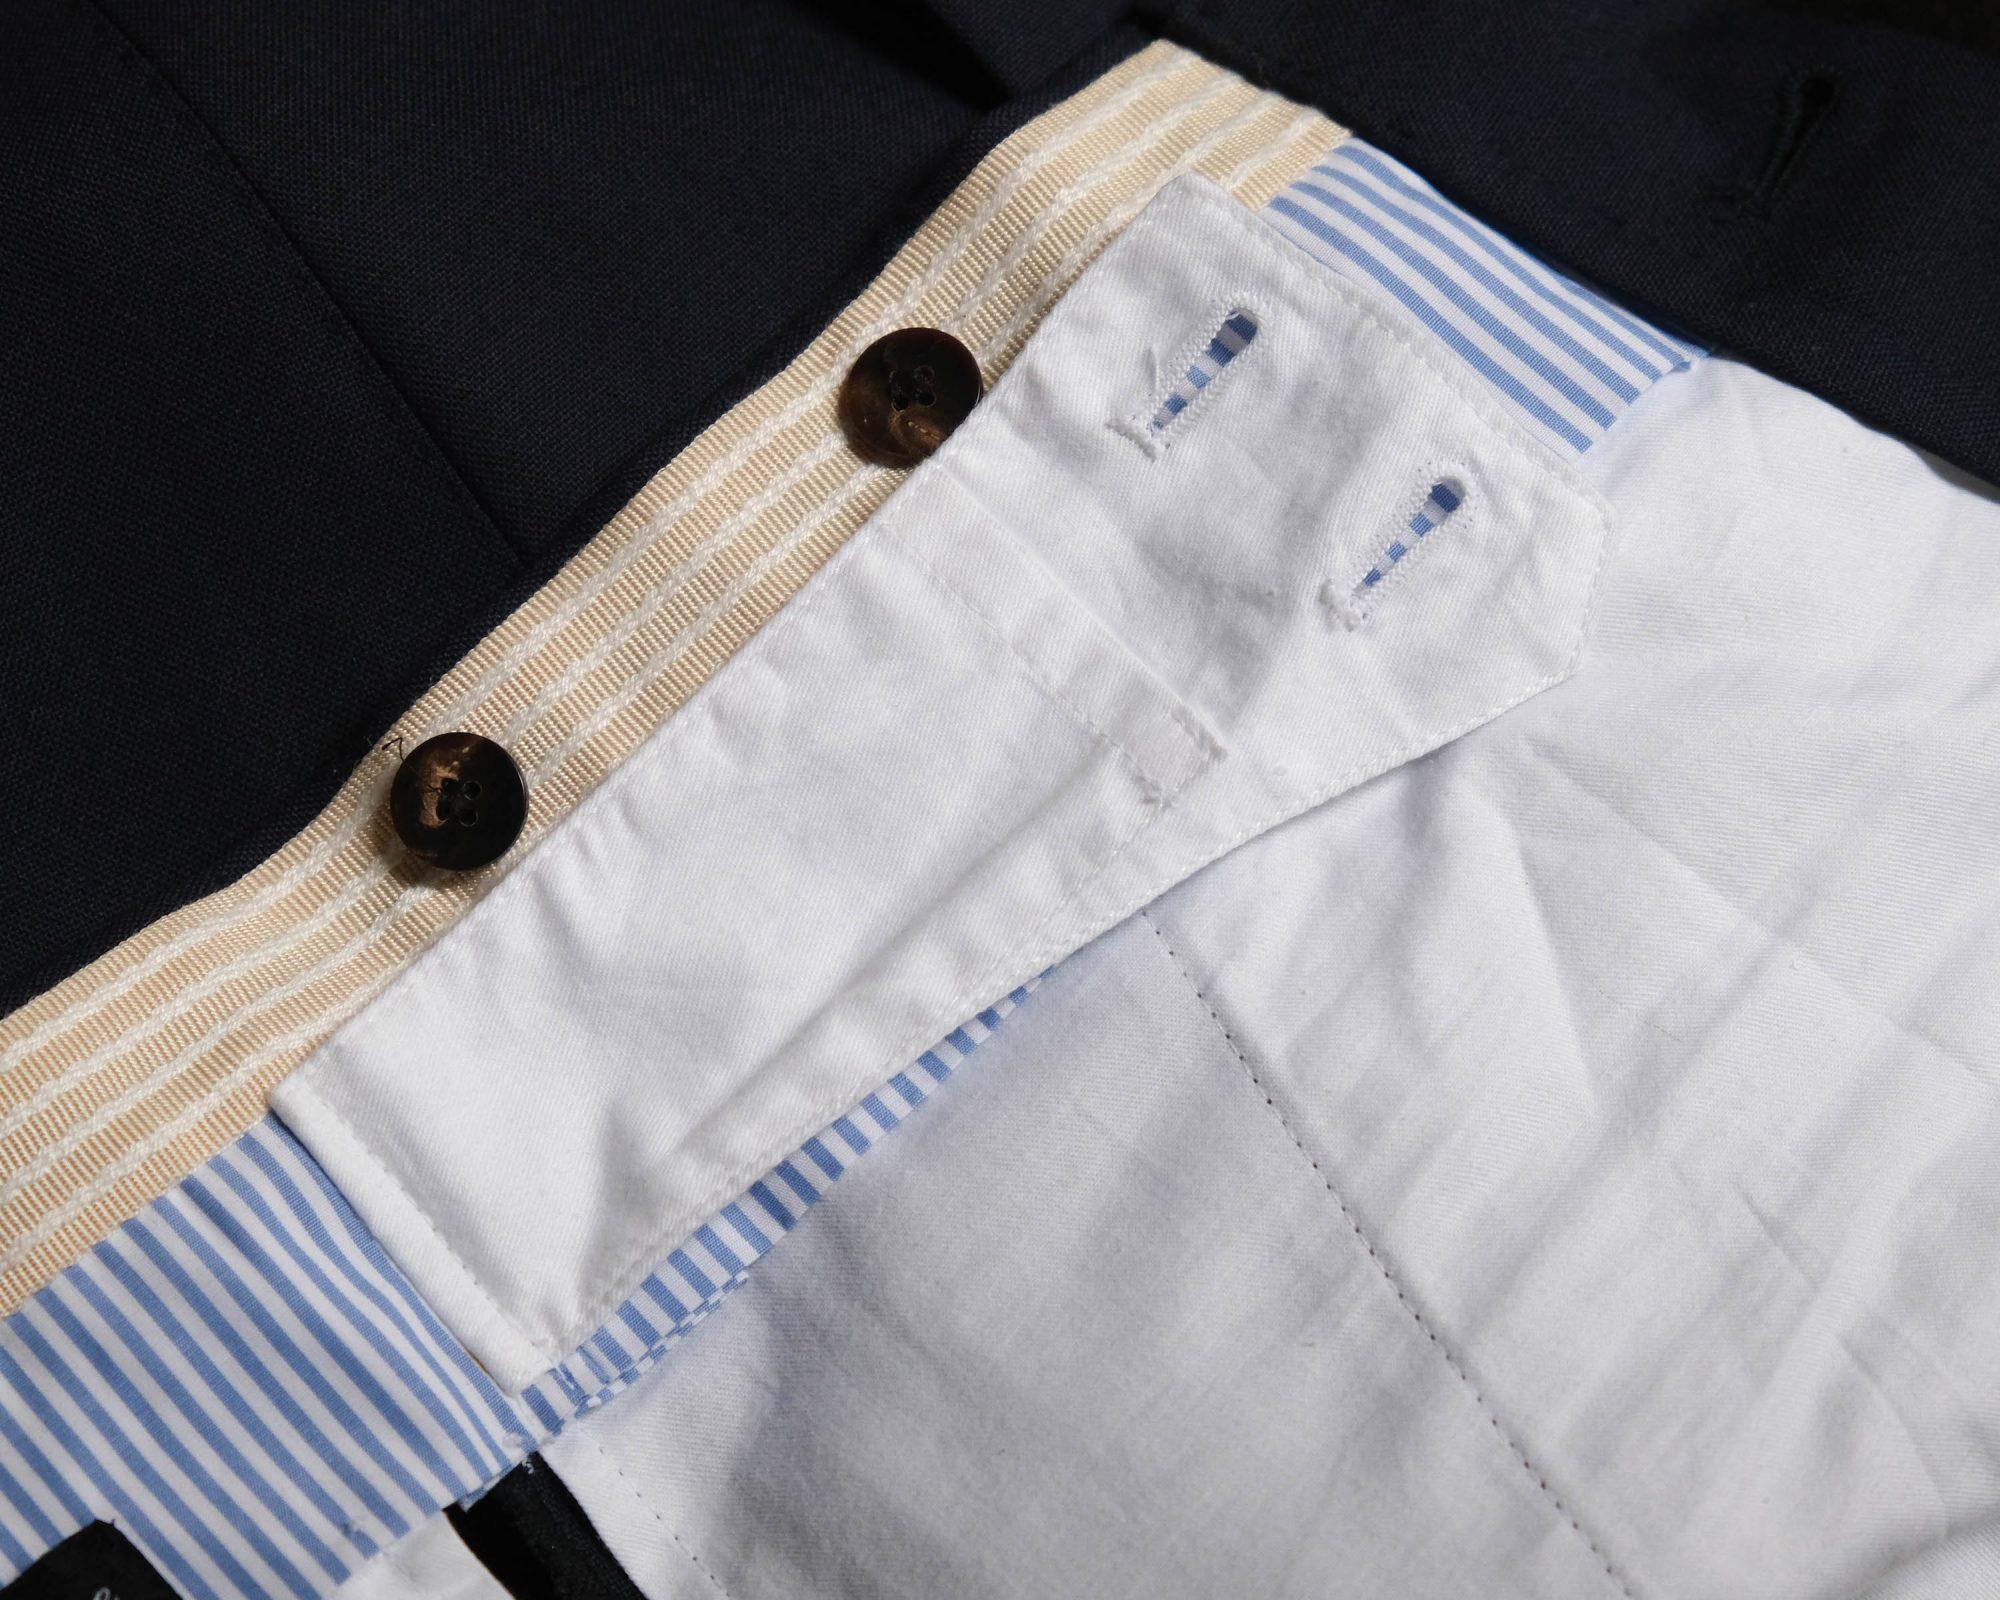 Patte boutonnée de maintien de la partie avant d'un pantalon de costume. Ici avec une poche cachée.